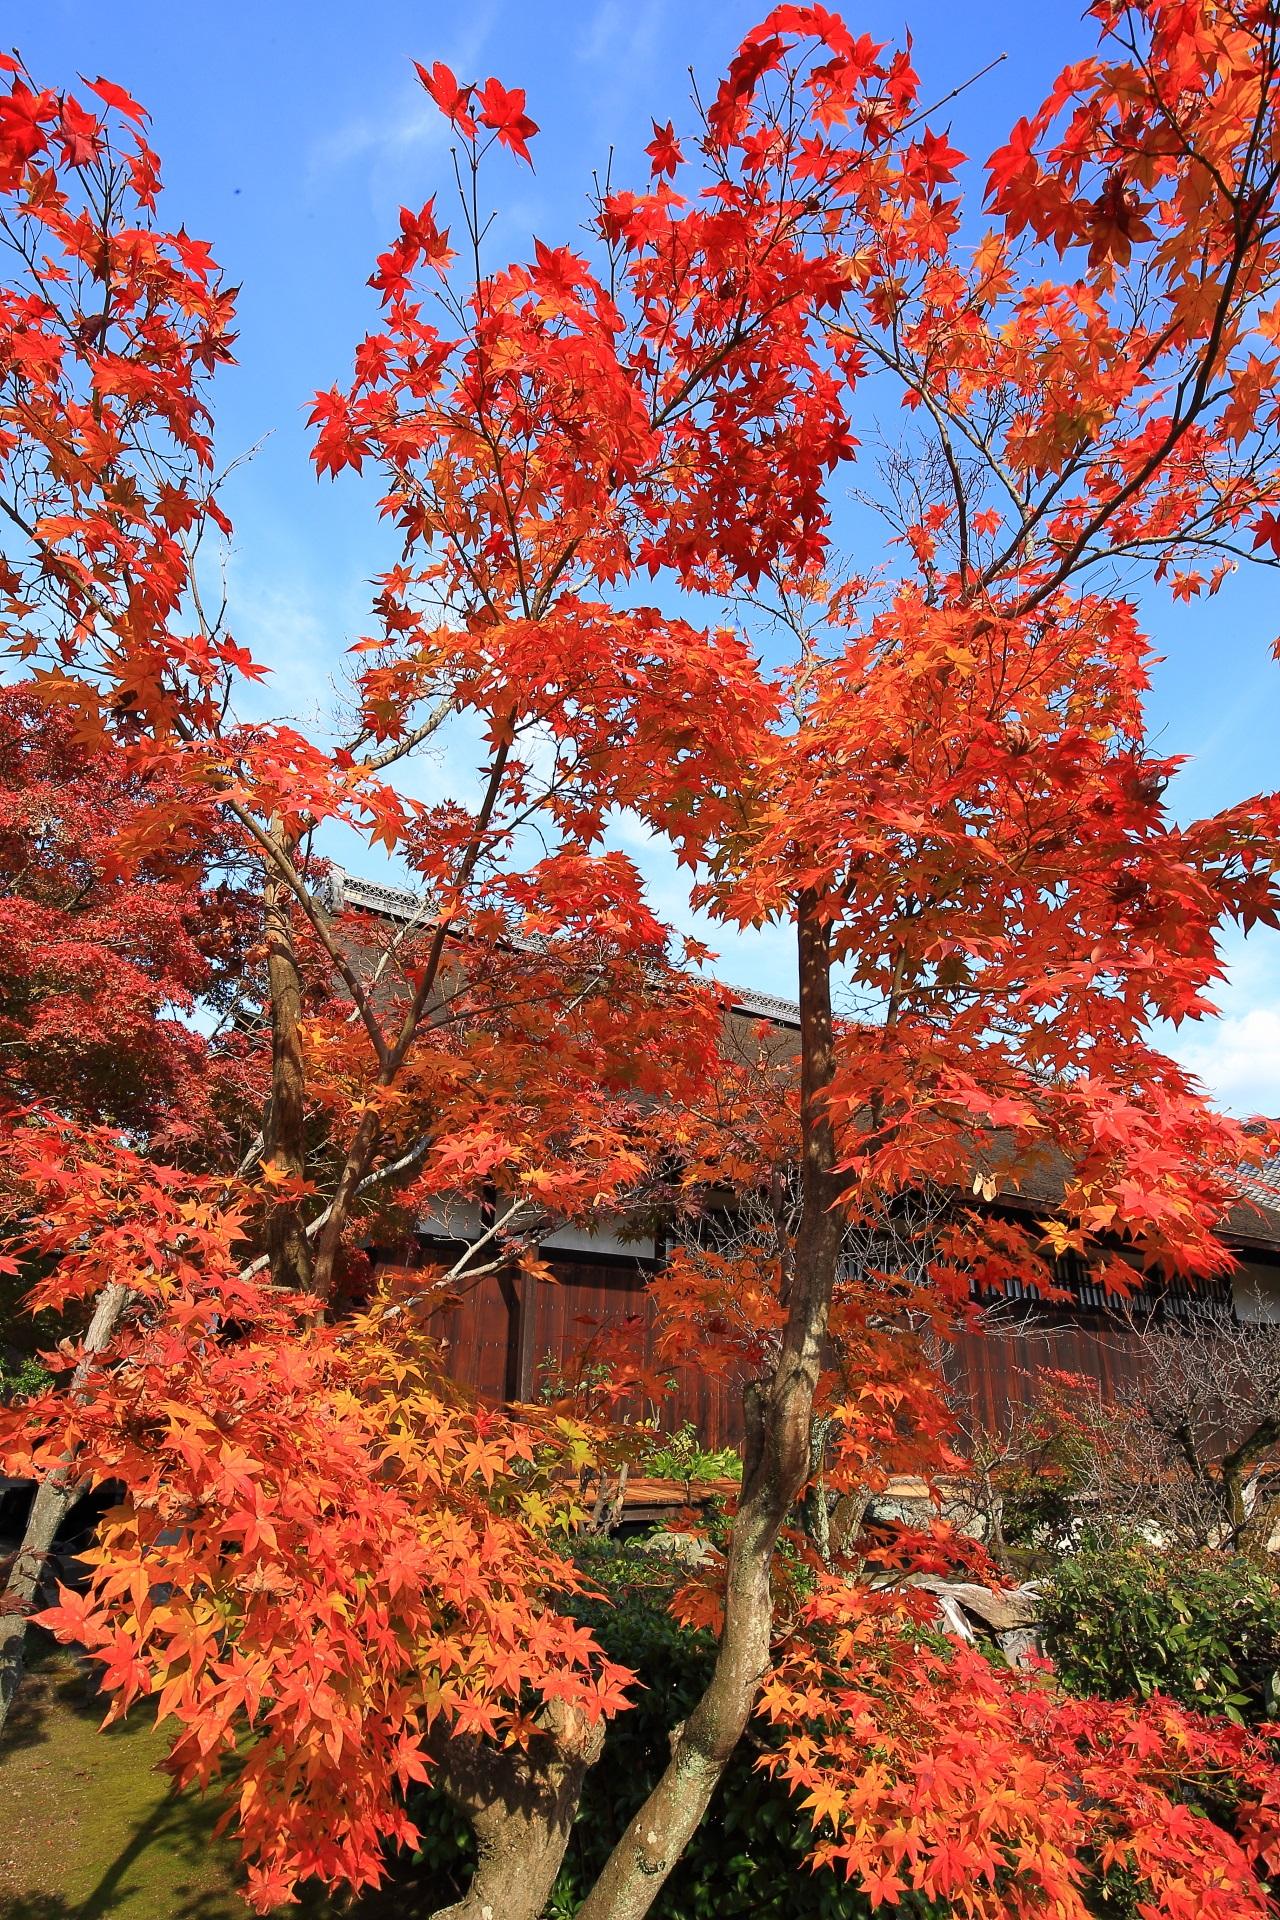 空を秋色に染める赤とオレンジの中間のような色合いの美しい紅葉